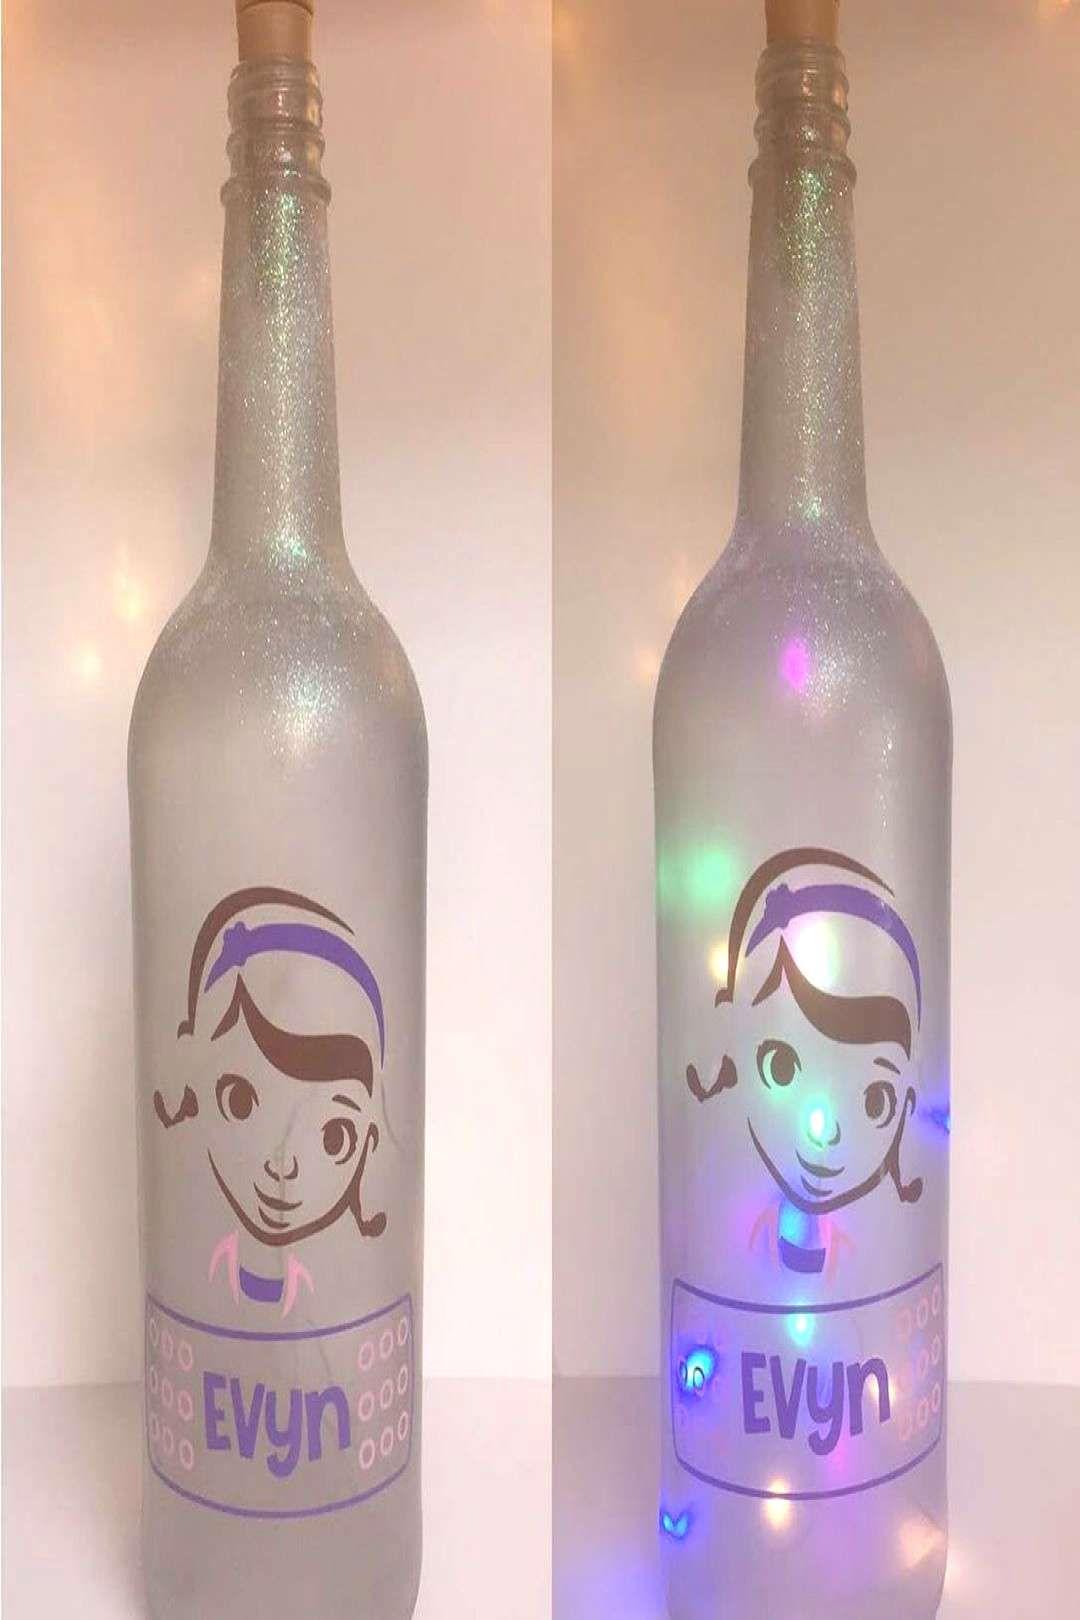 #upcycled bottles #decoratedbottles